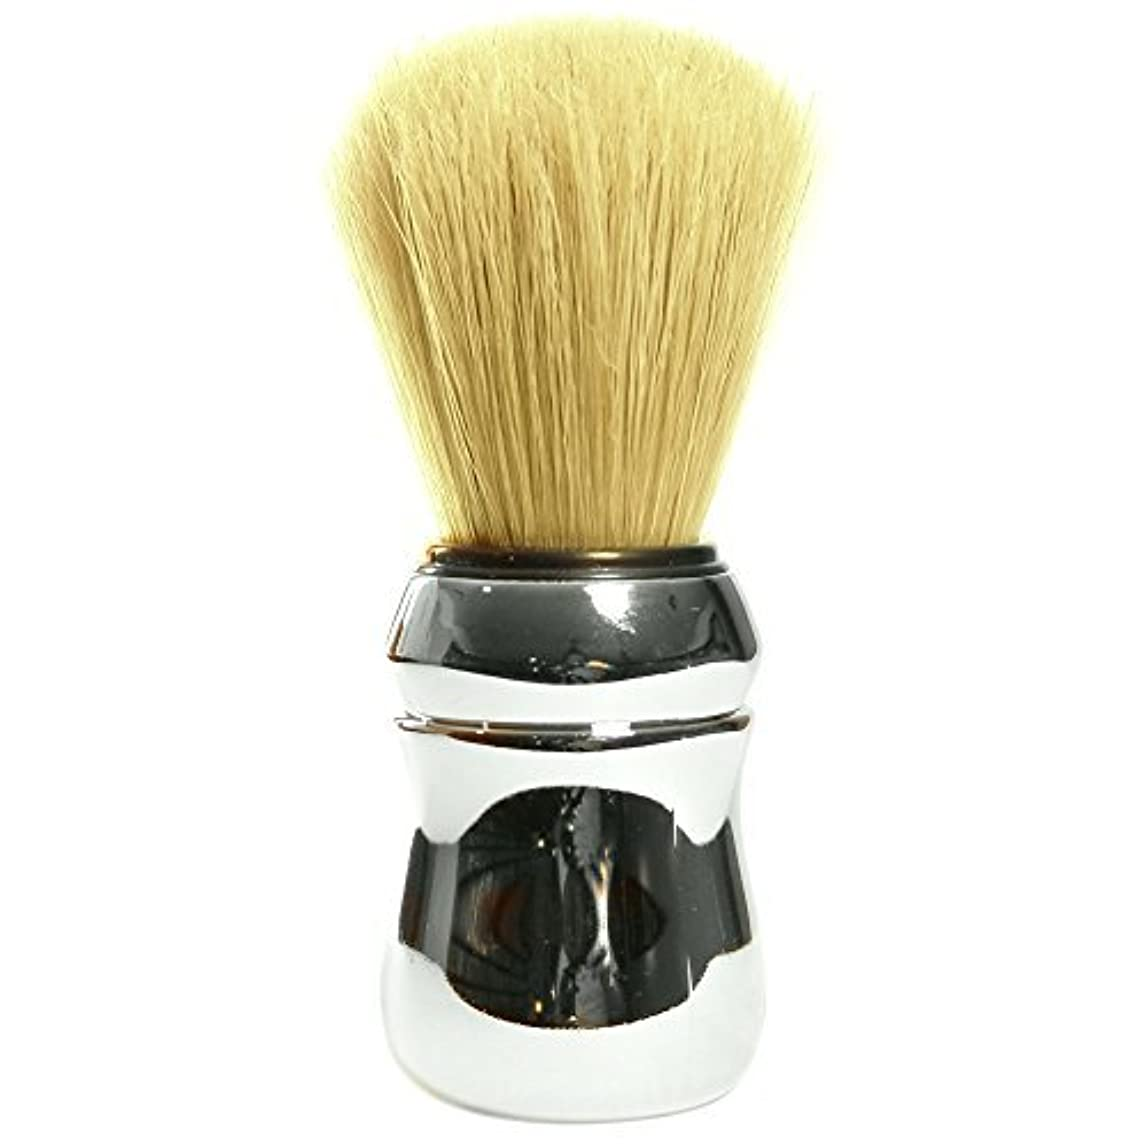 参照する練る雑多なProraso Professional Boar Hair Shaving Brush by Proraso